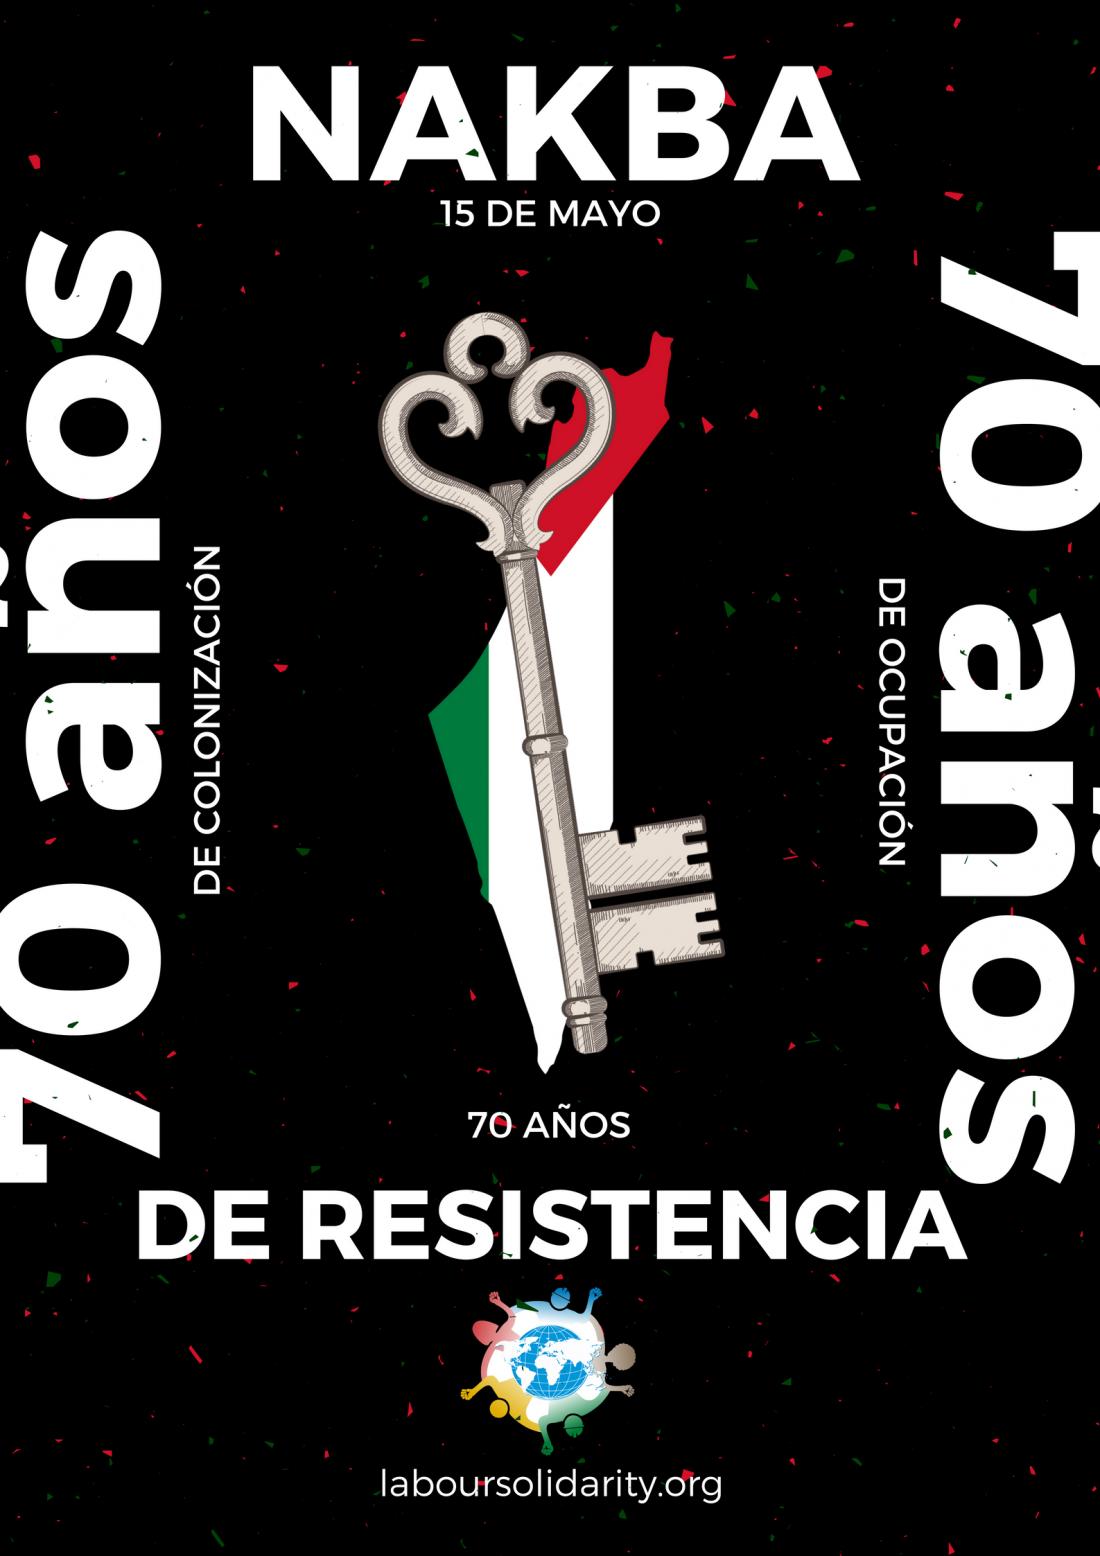 La Red Sindical Internacional de Solidaridad y Lucha en el 15 de mayo por Palestina Libre